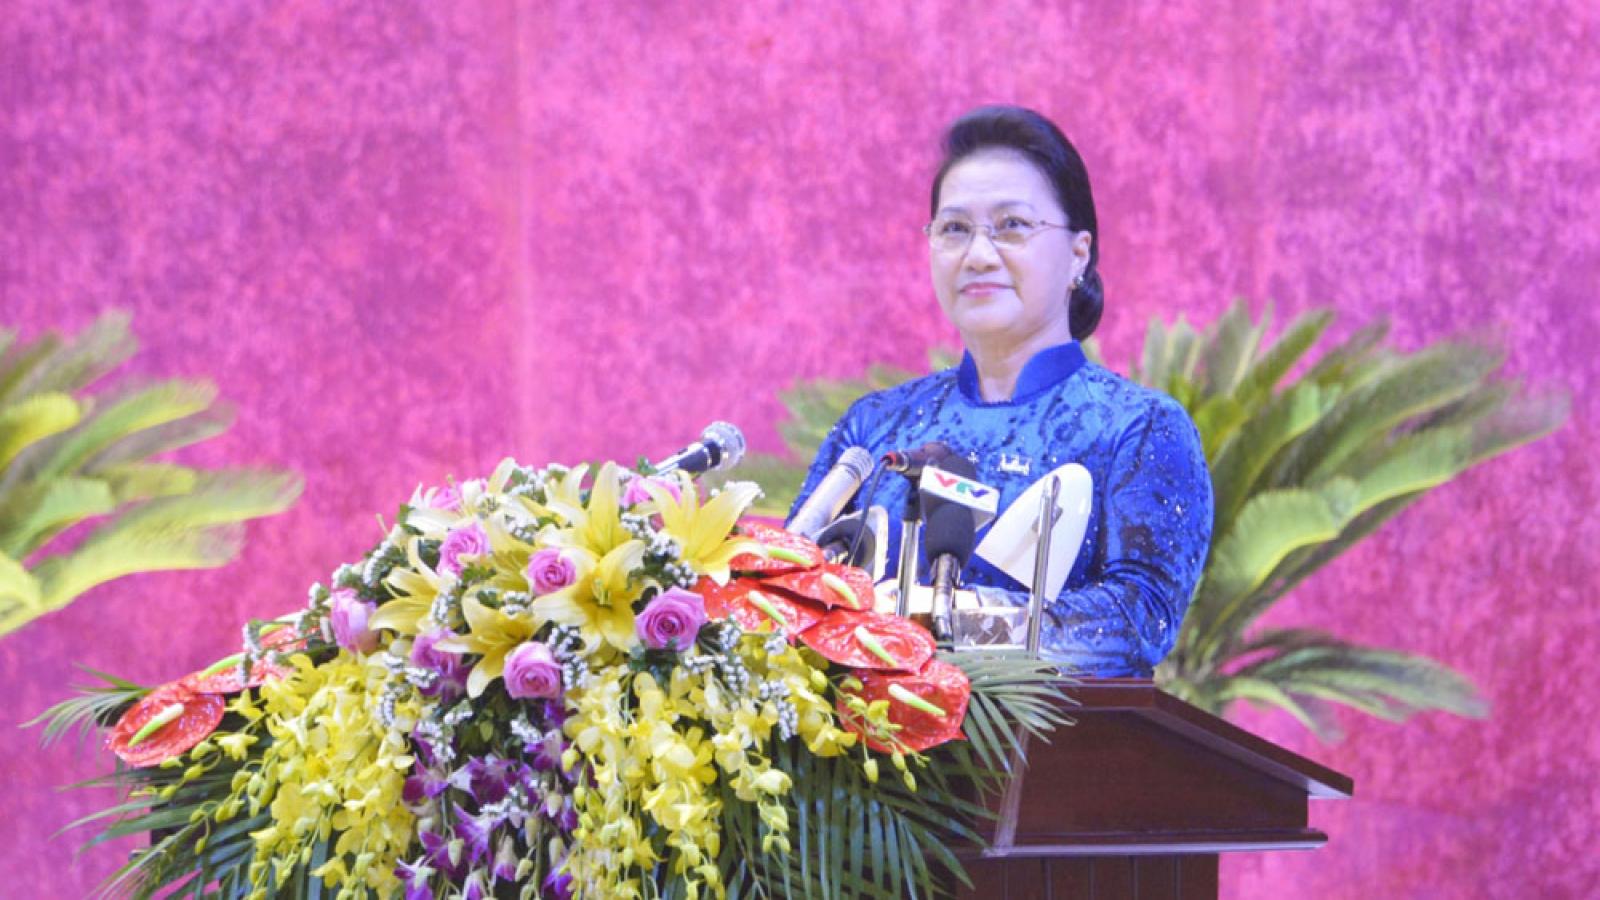 Chủ tịch Quốc hội: Hòa Bình cần lấy sự tín nhiệm của nhân dân để đánh giá cán bộ